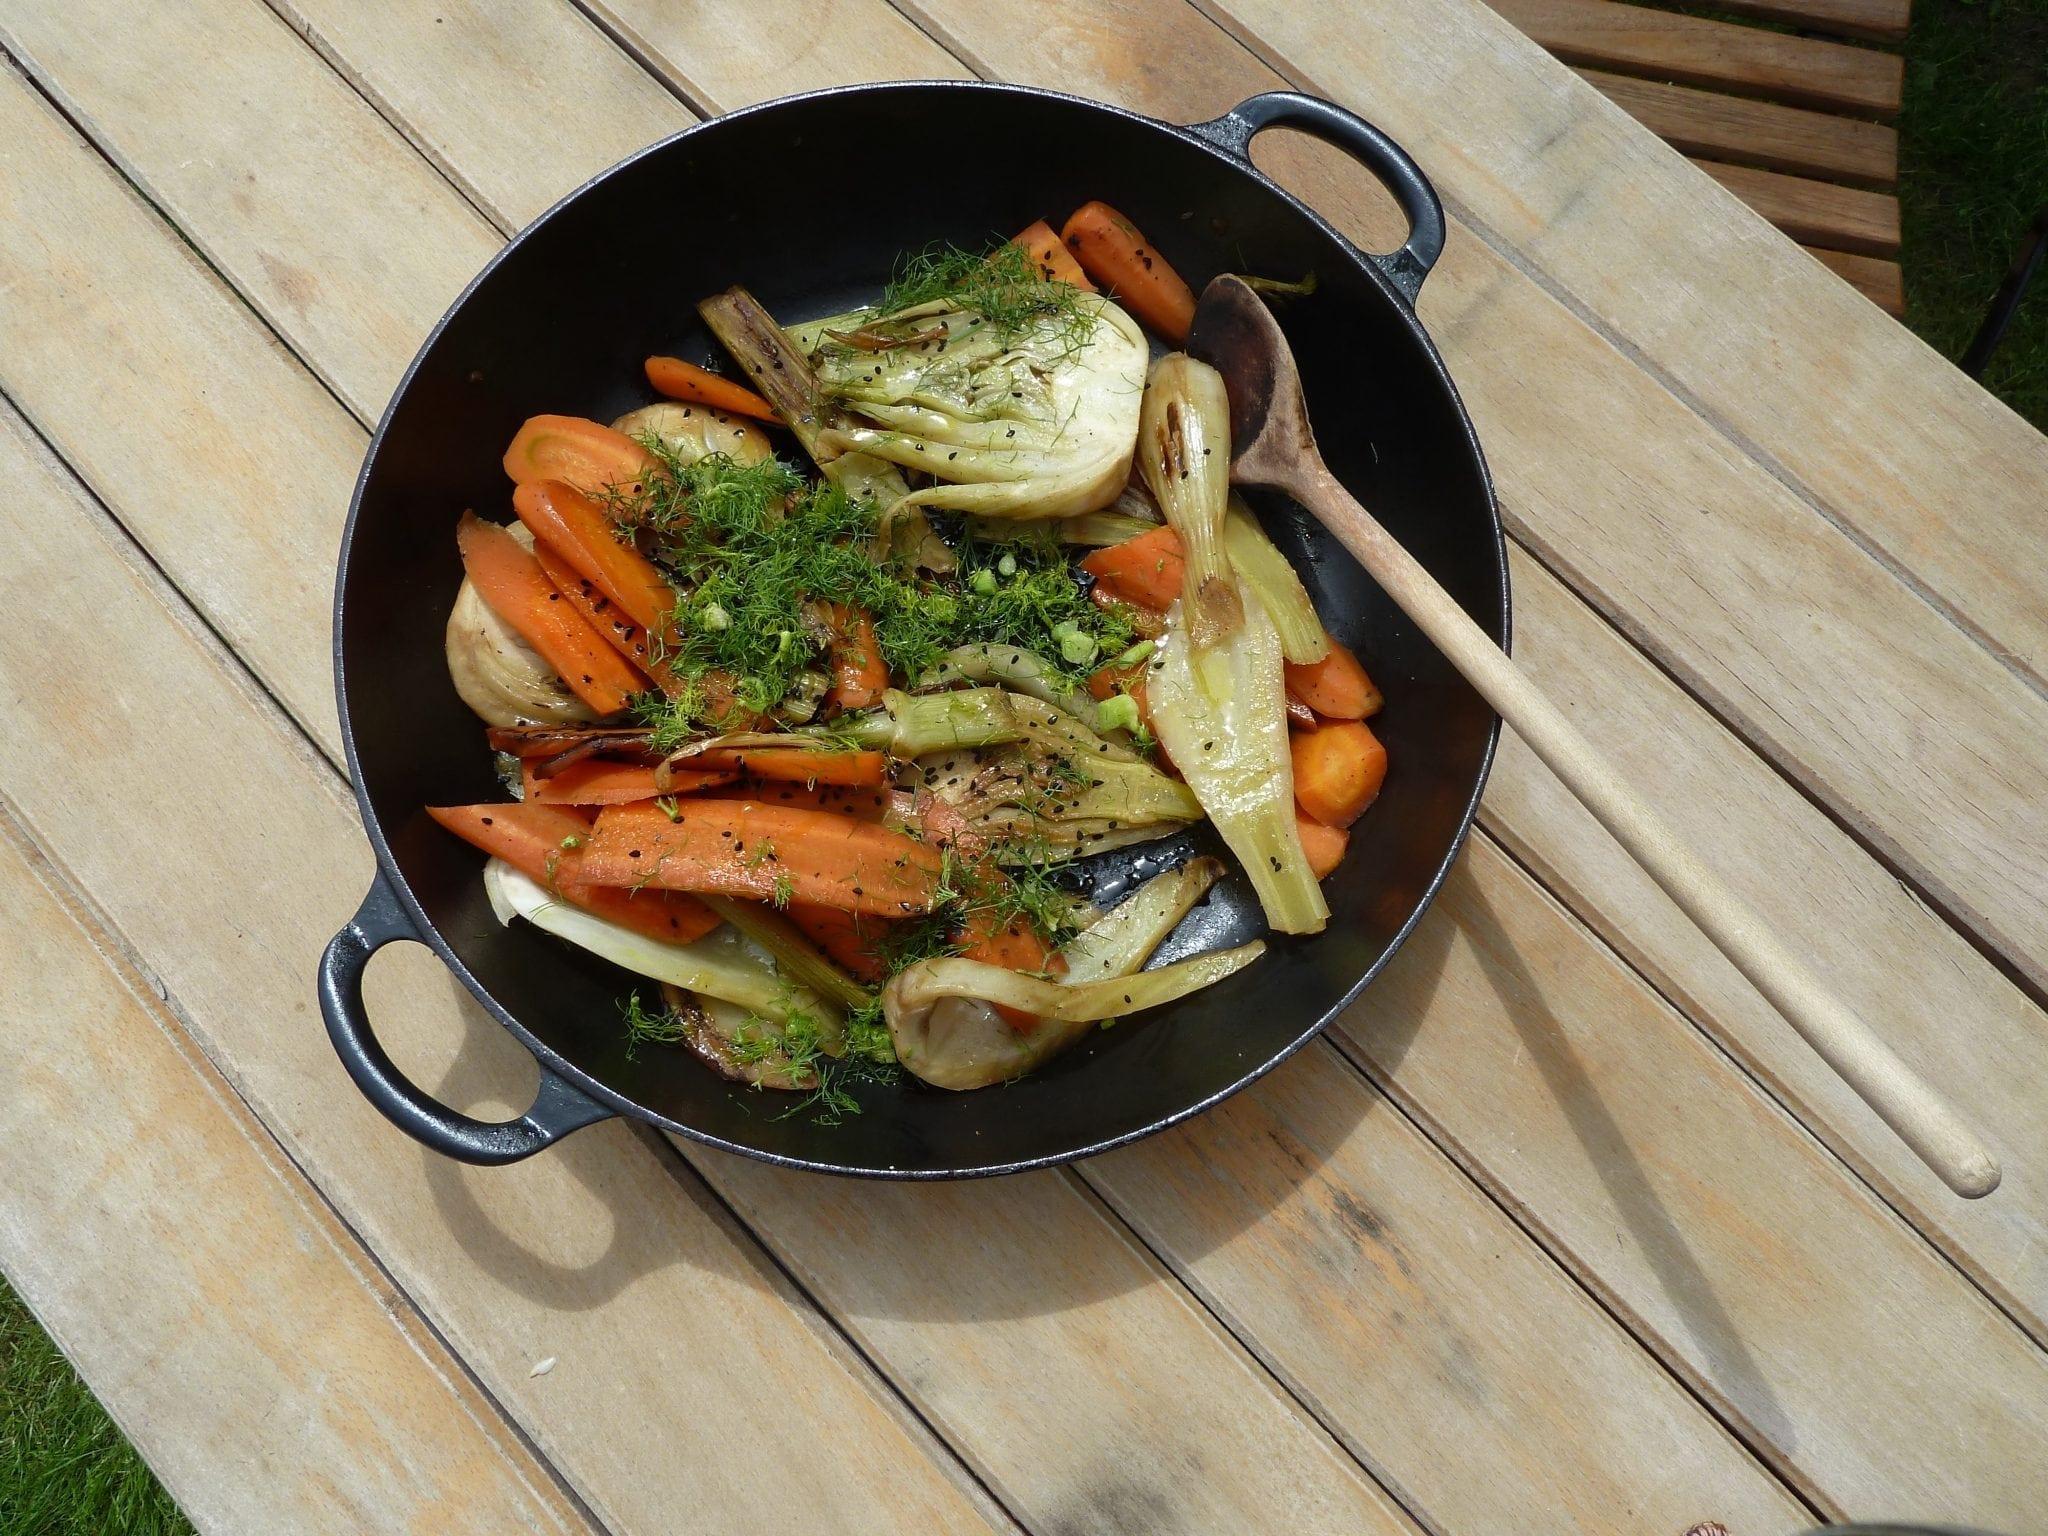 Gemüsepfanne - ein tolles Rezept für basische Ernährung